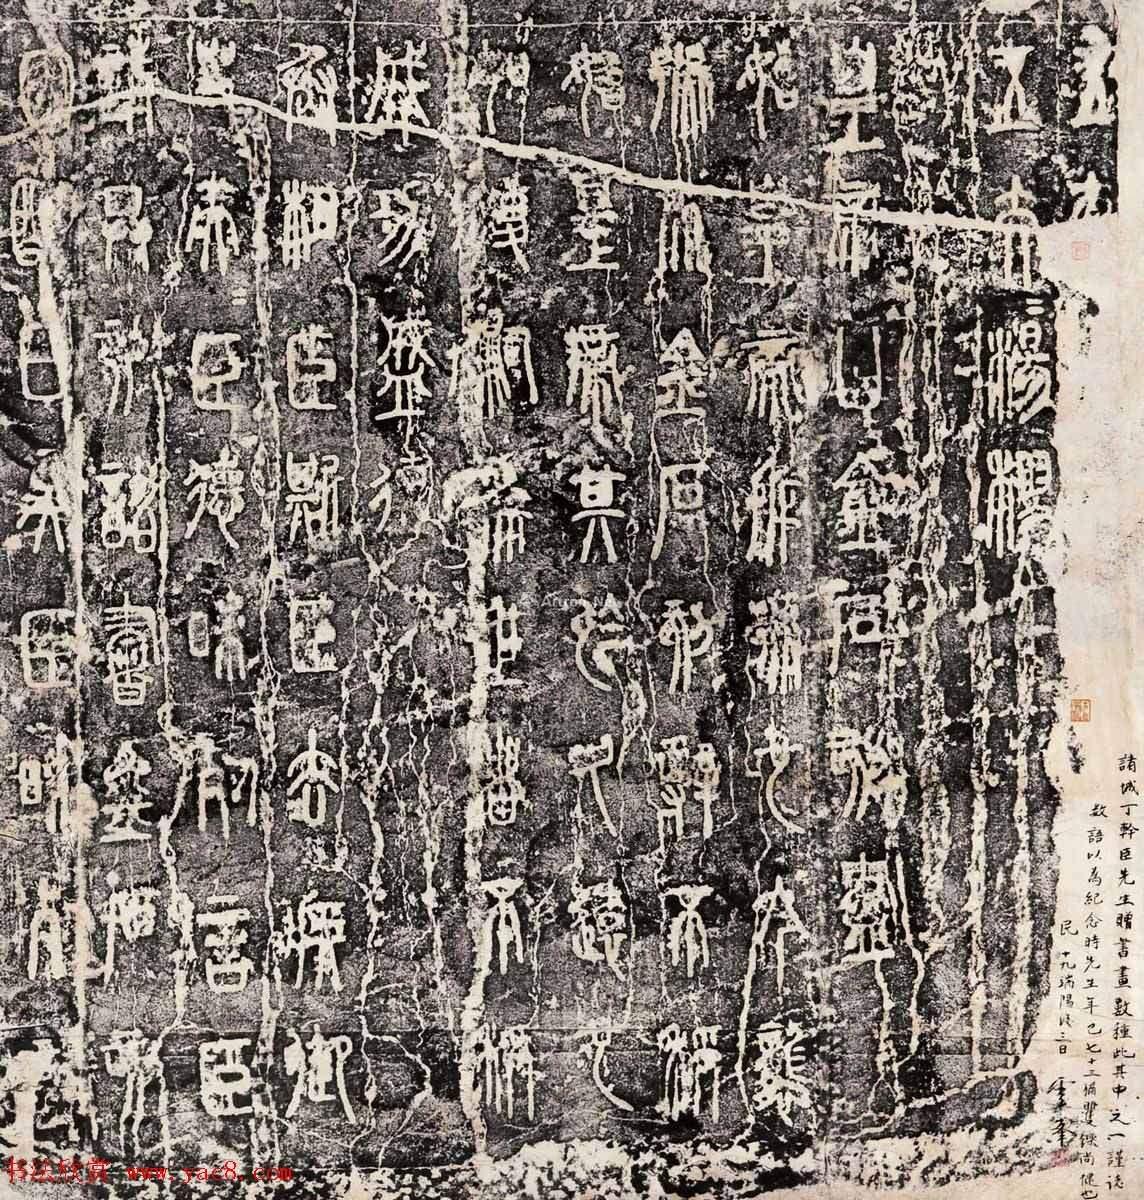 秦李斯小篆真跡欣賞《琅琊台刻石》(共3張圖片)